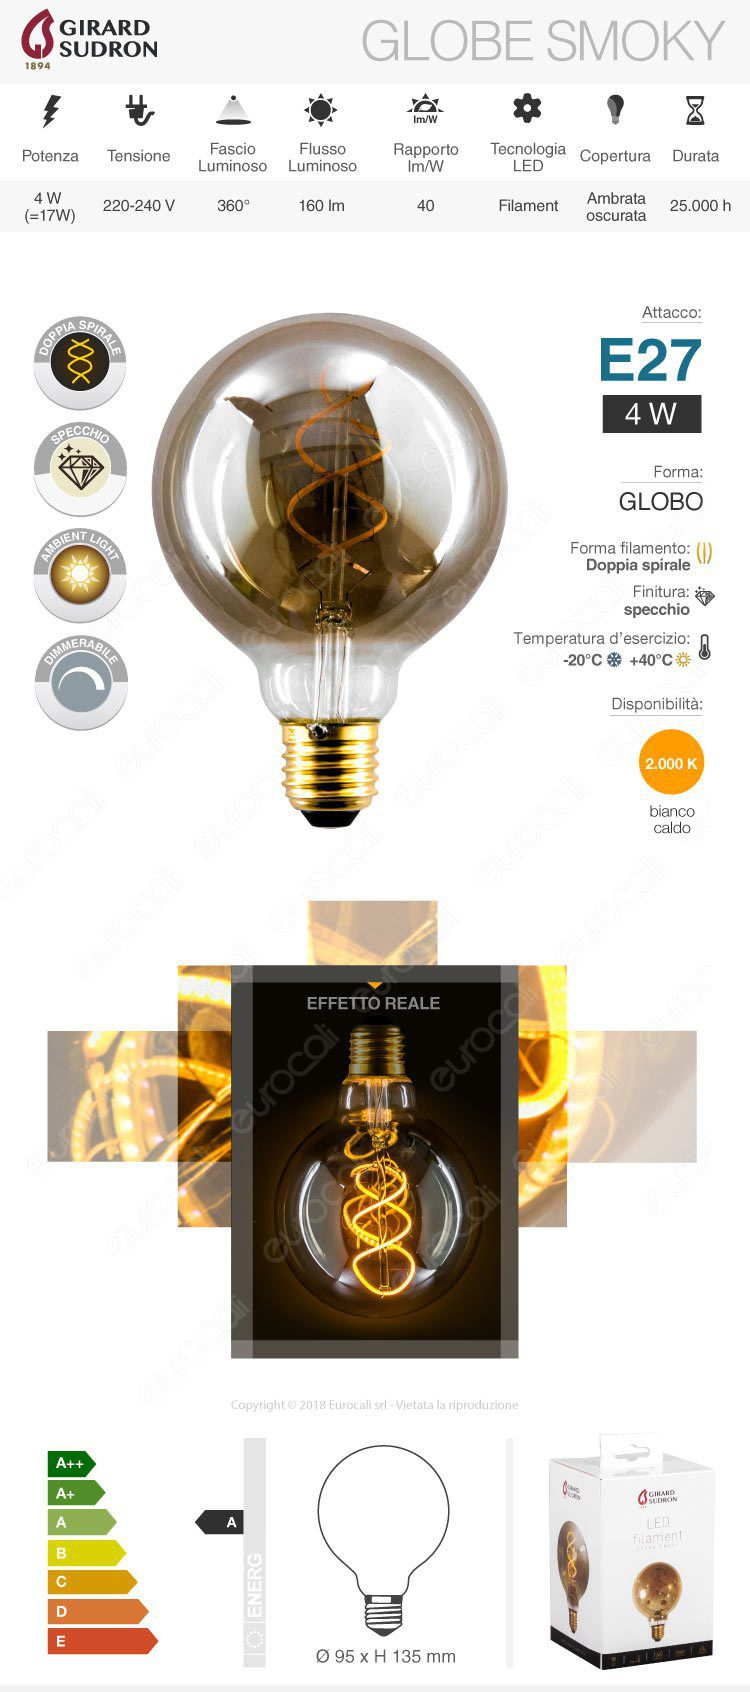 lampada led e27 girard sudron